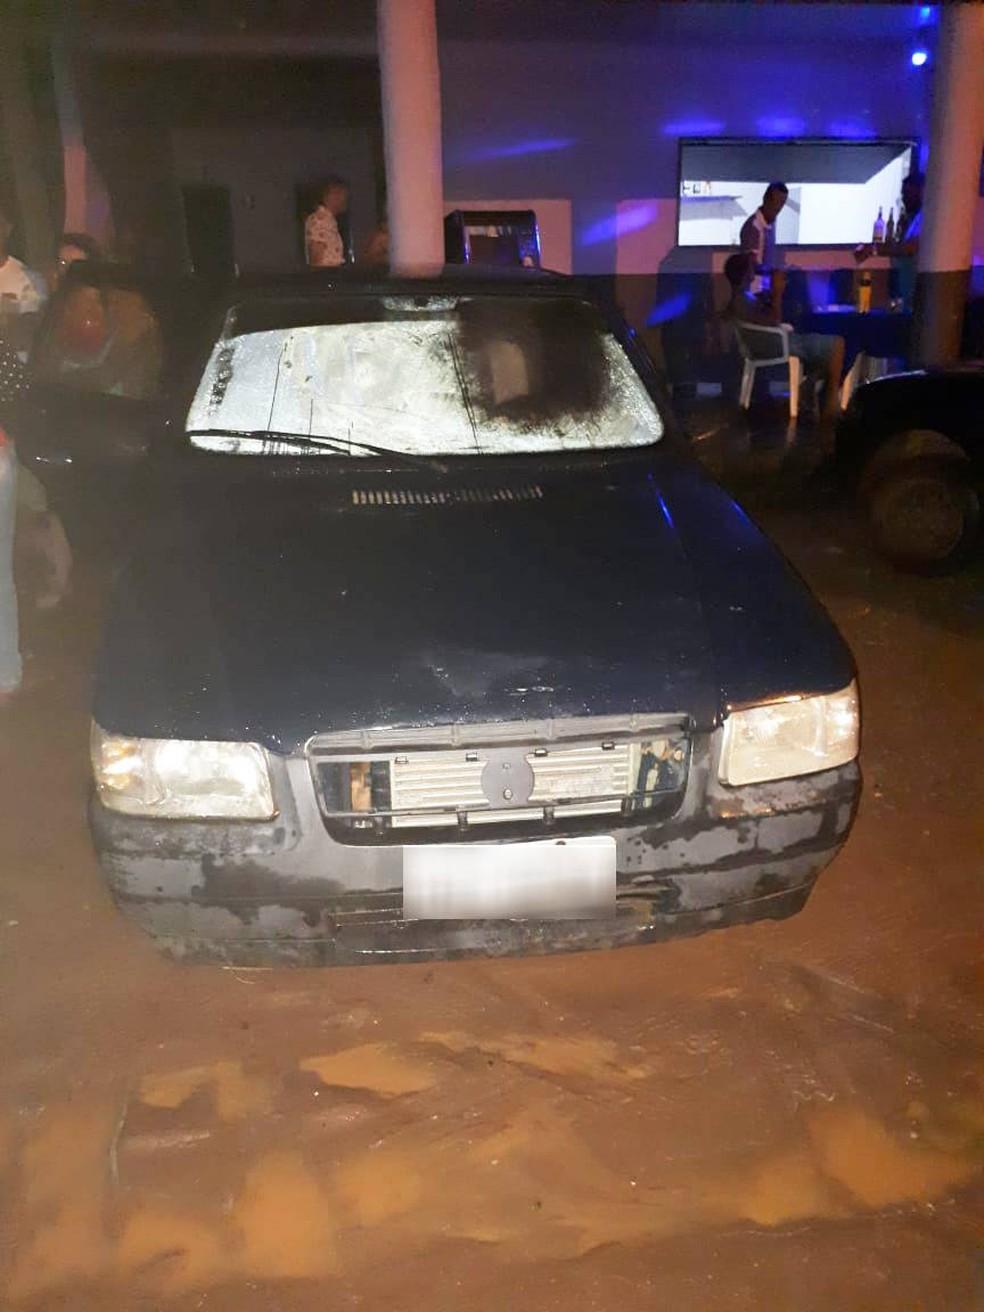 Pais deixaram três crianças trancadas no carro para irem até boate em Sapezal — Foto: Polícia Militar de Mato Grosso/Divulgação